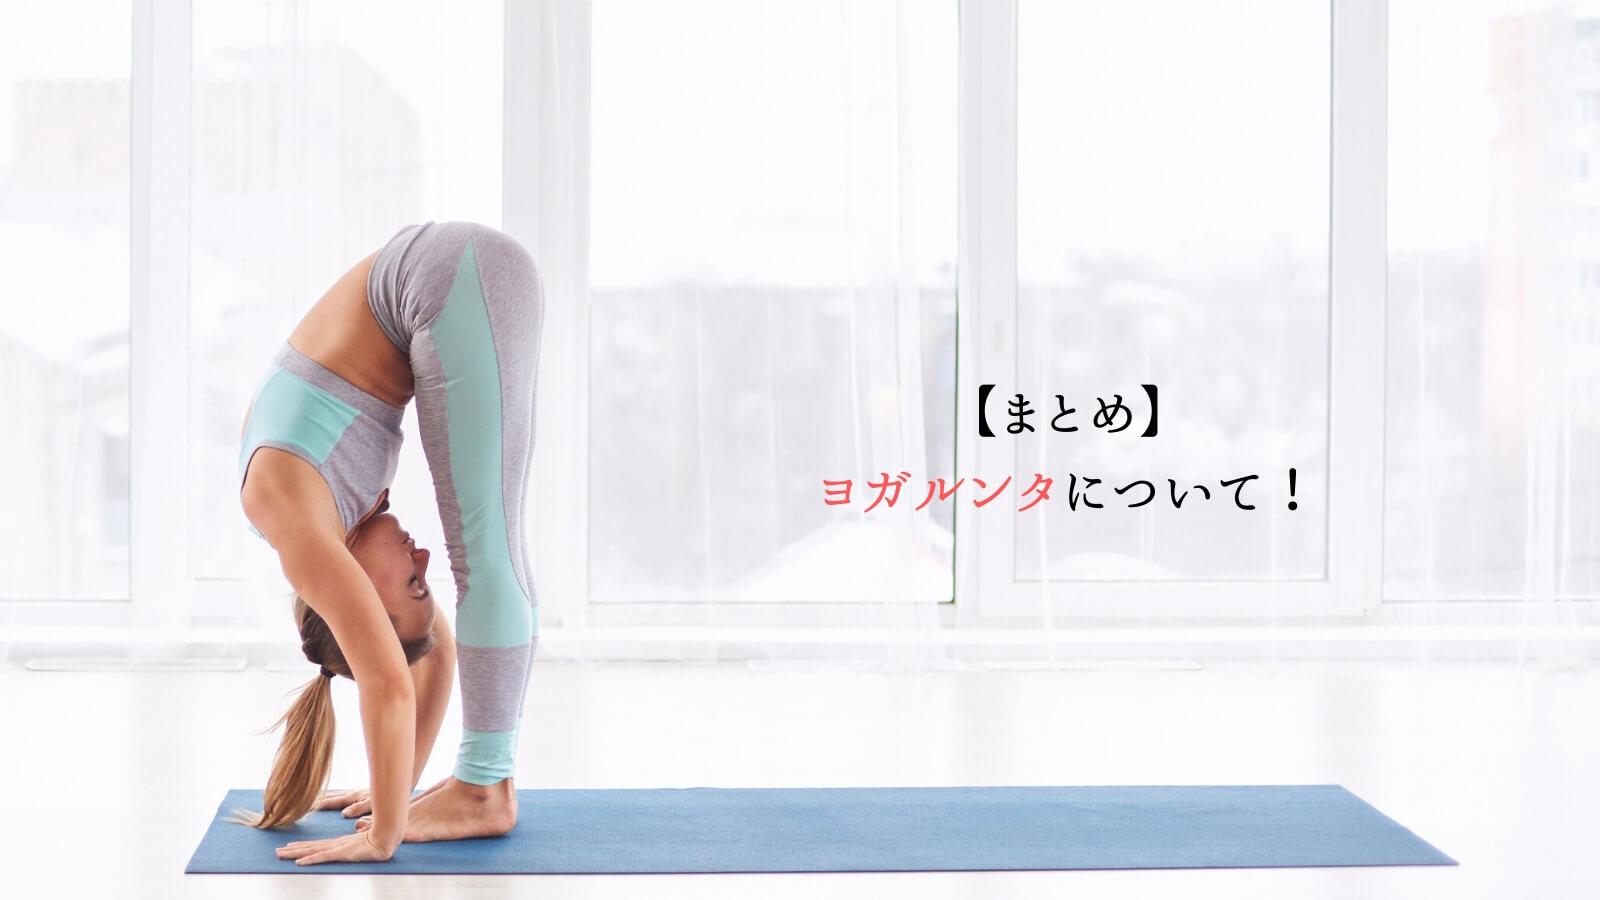 【まとめ】おすすめスタジオヨガルンタ紹介!